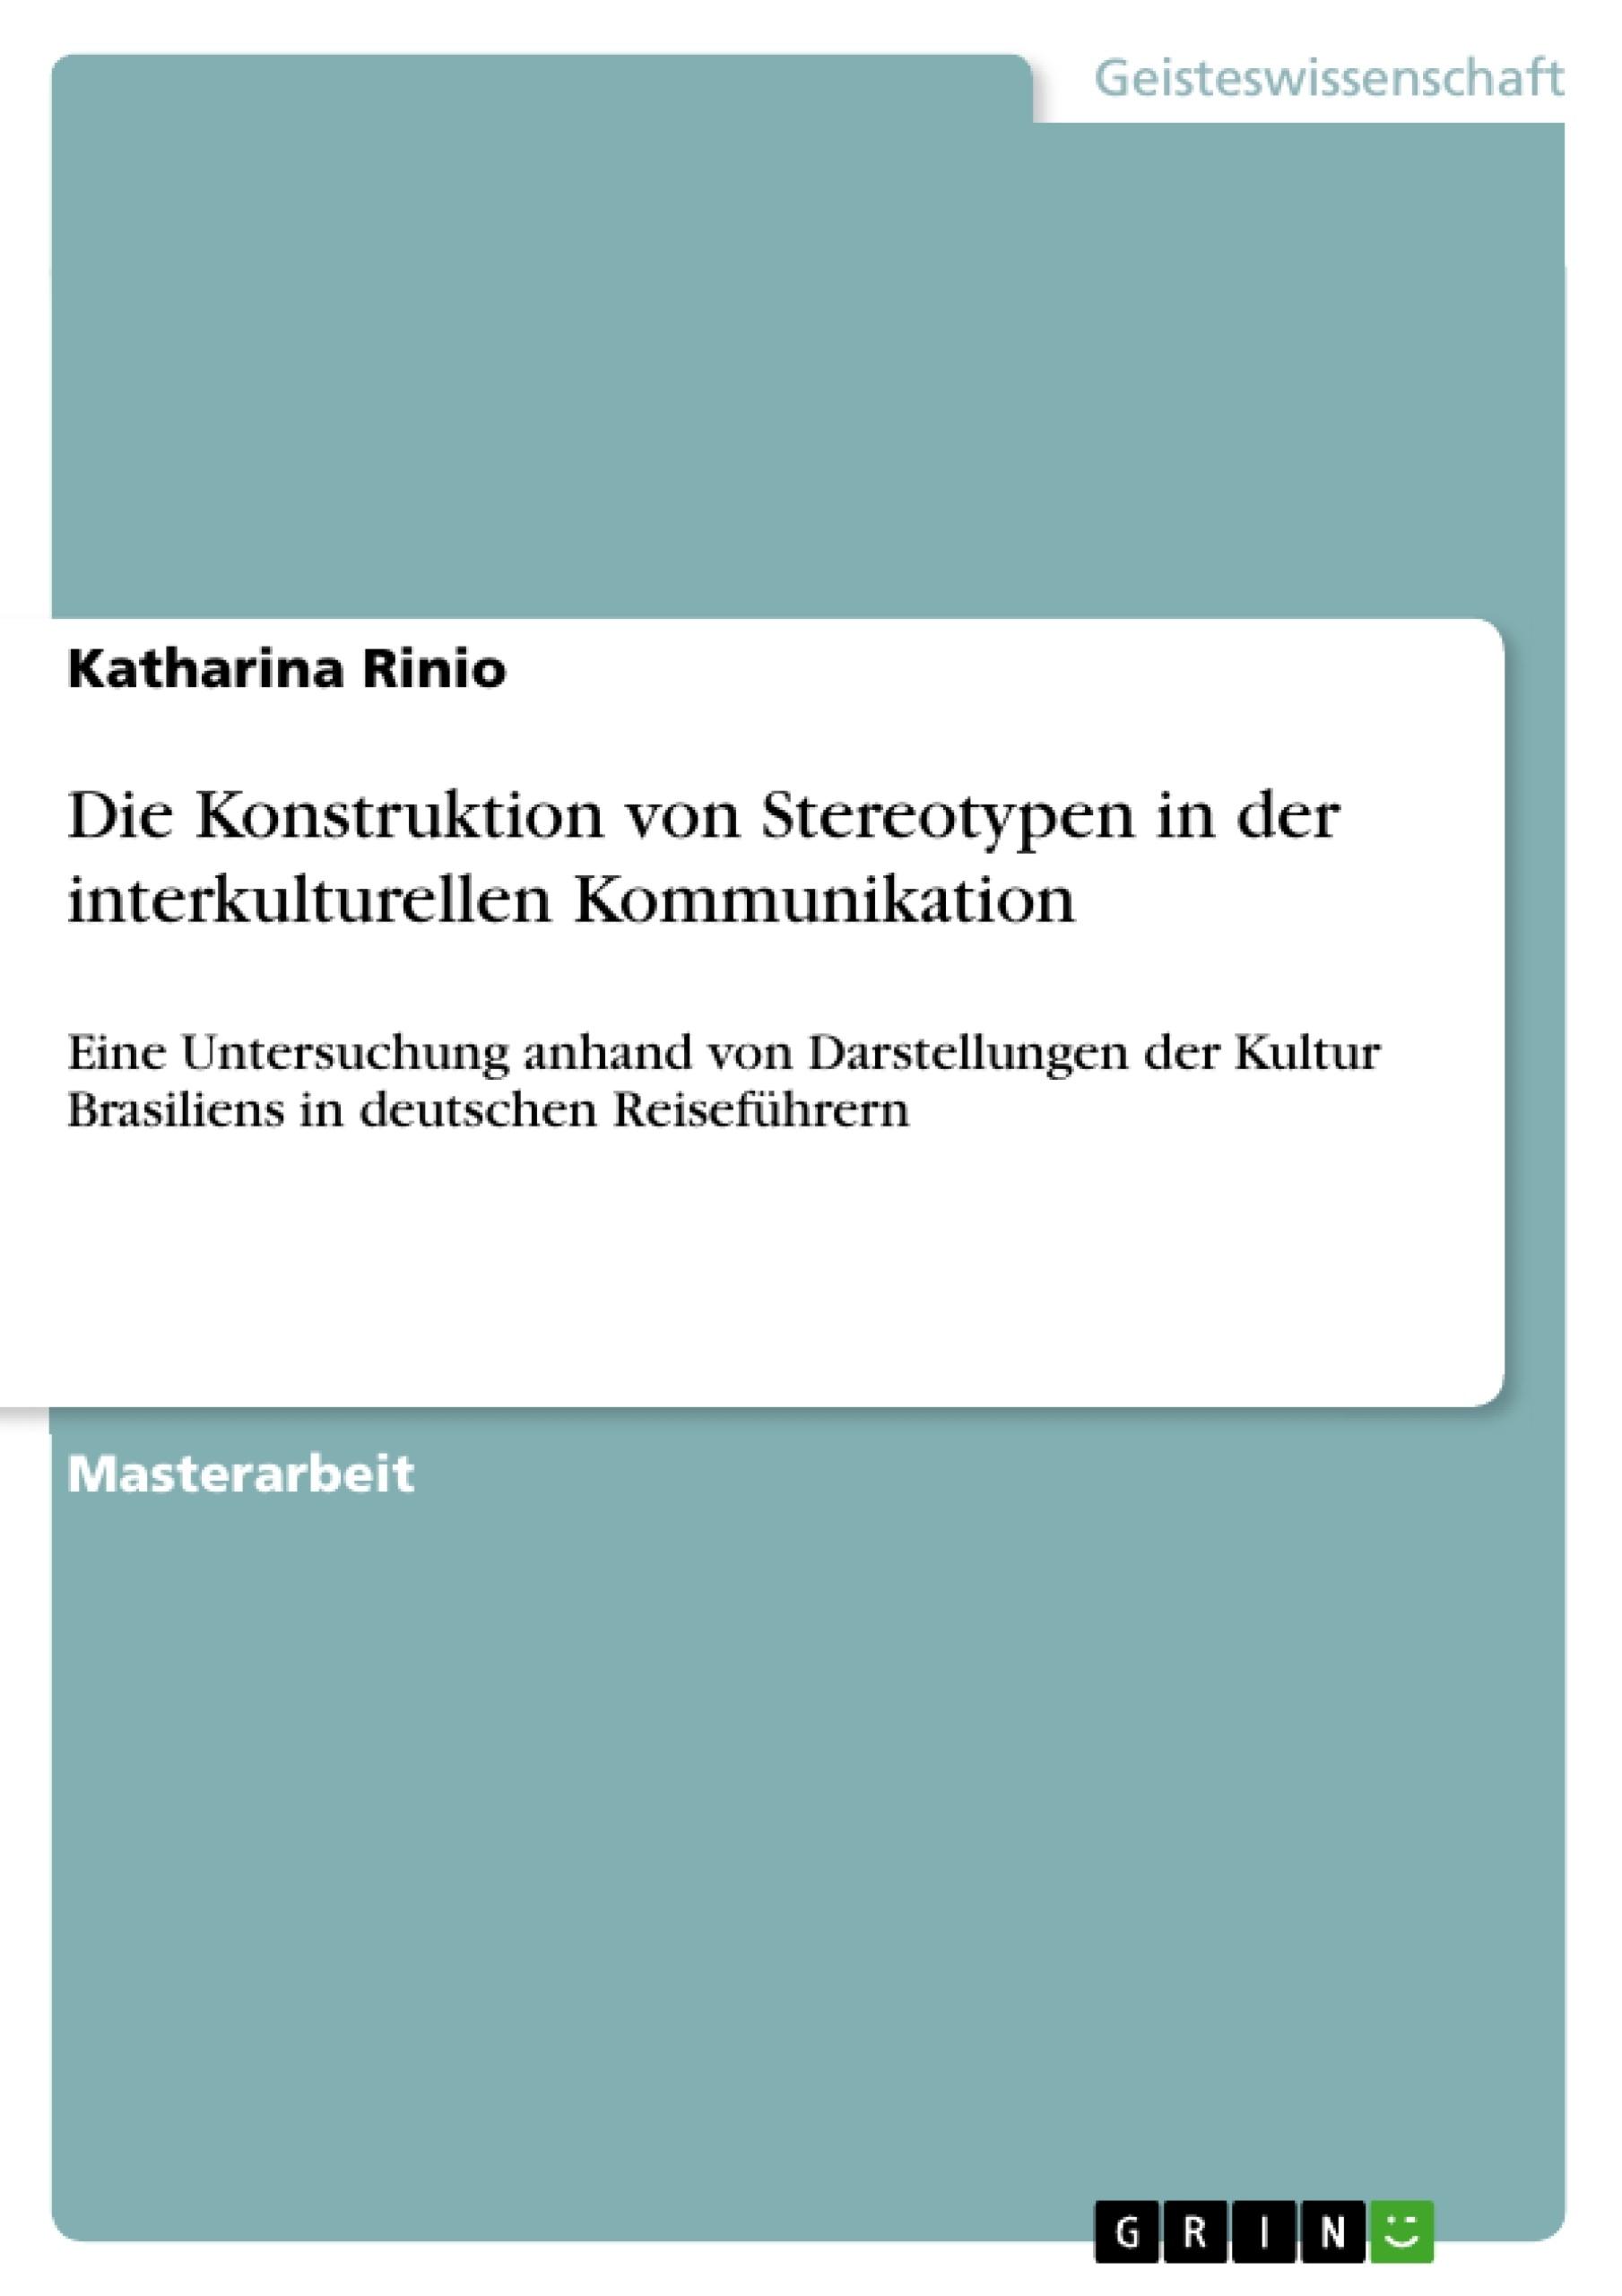 Titel: Die Konstruktion von Stereotypen in der interkulturellen Kommunikation